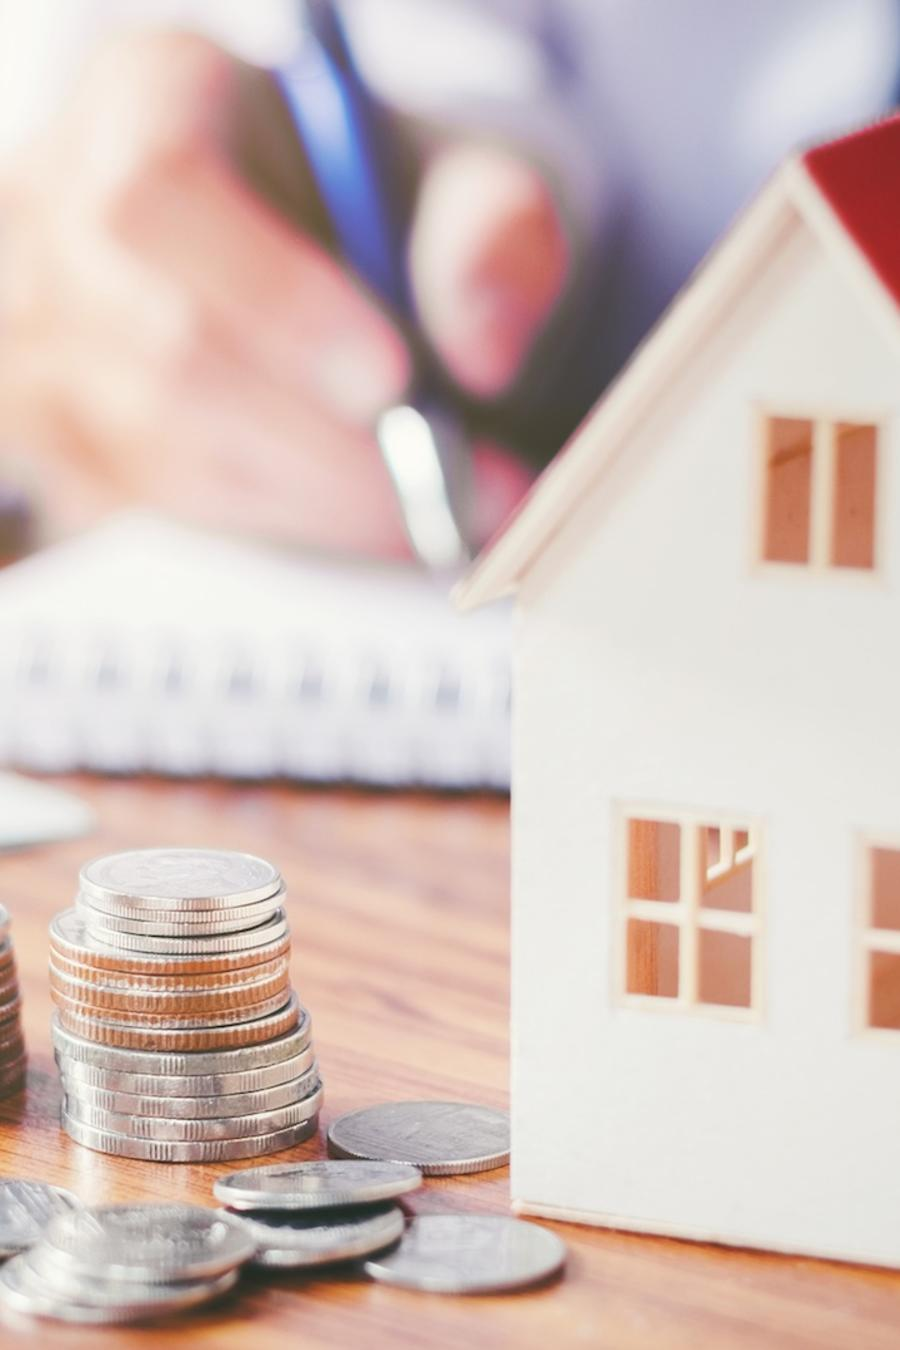 Monedas, casa y persona escribiendo